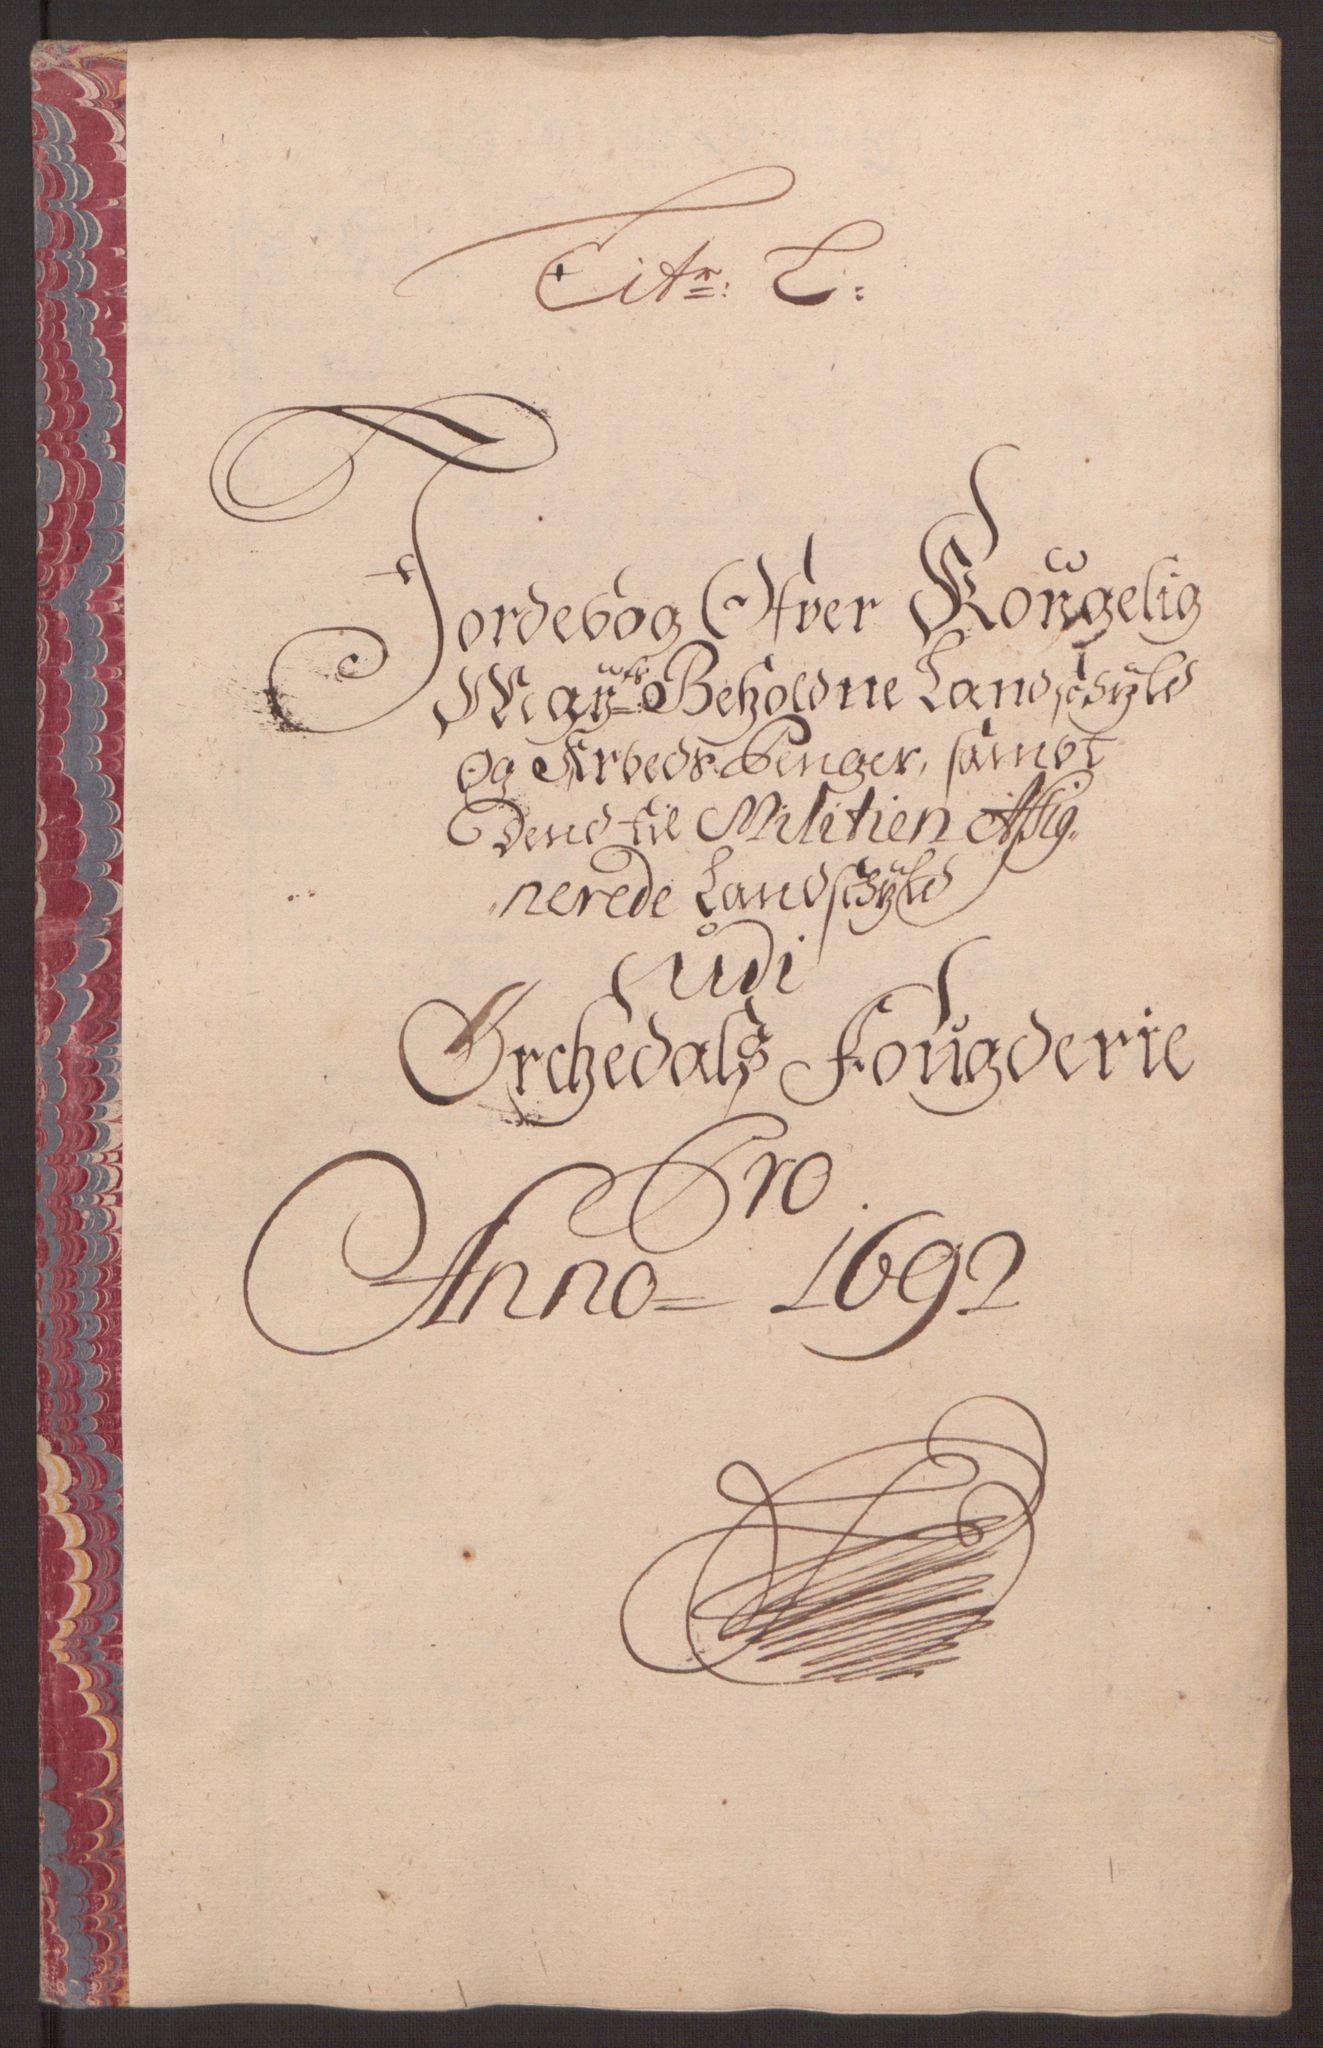 RA, Rentekammeret inntil 1814, Reviderte regnskaper, Fogderegnskap, R58/L3937: Fogderegnskap Orkdal, 1691-1692, s. 314